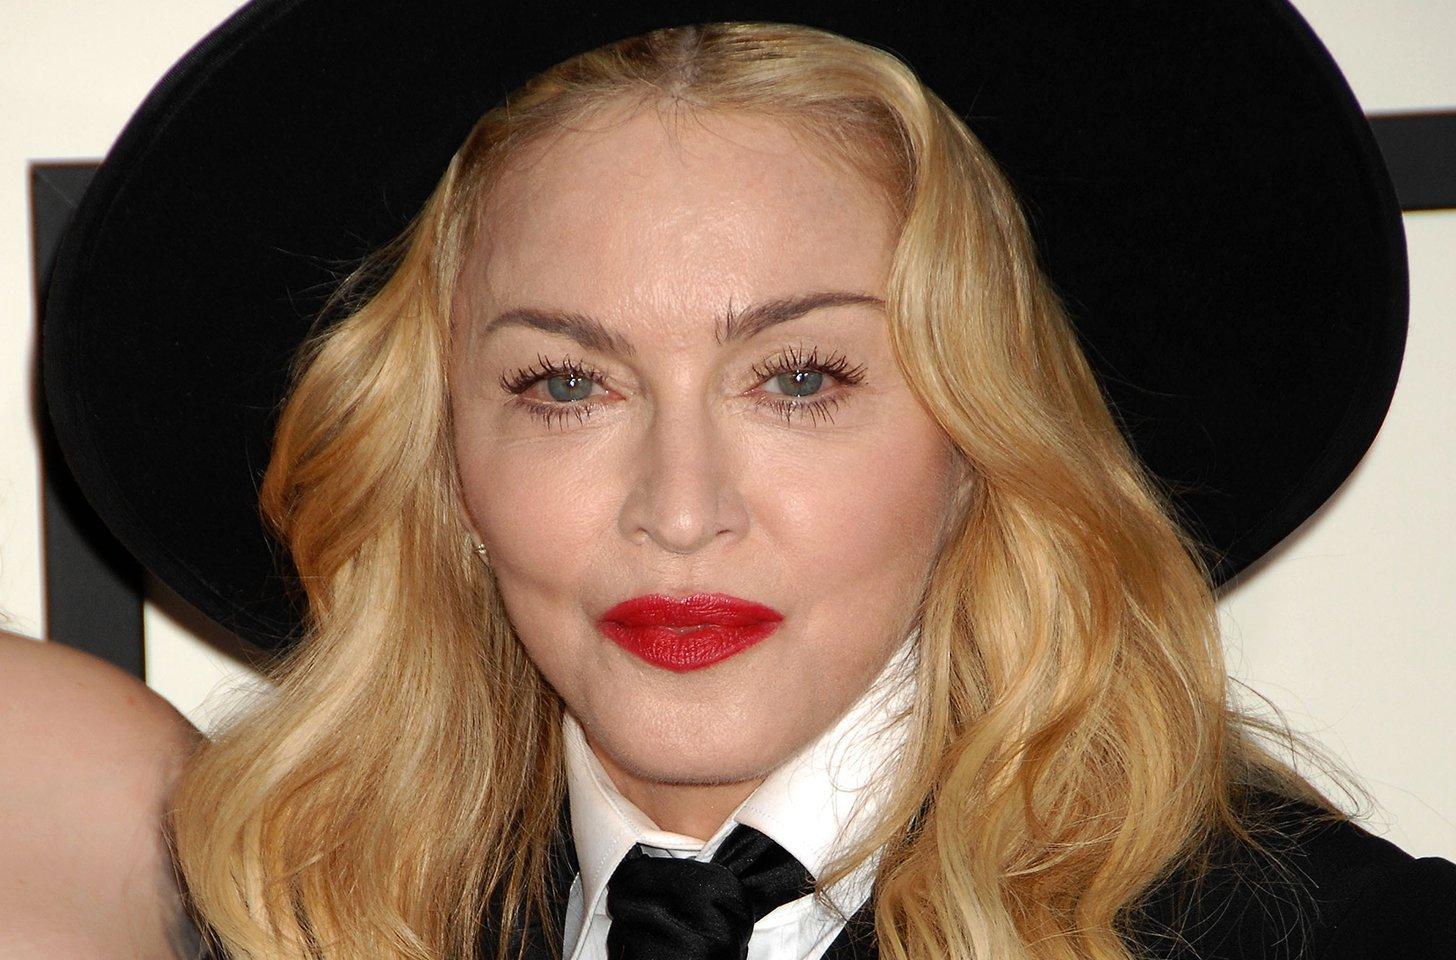 Madonna's Face 'Unrecognizable' After $500K Plastic Surgery?